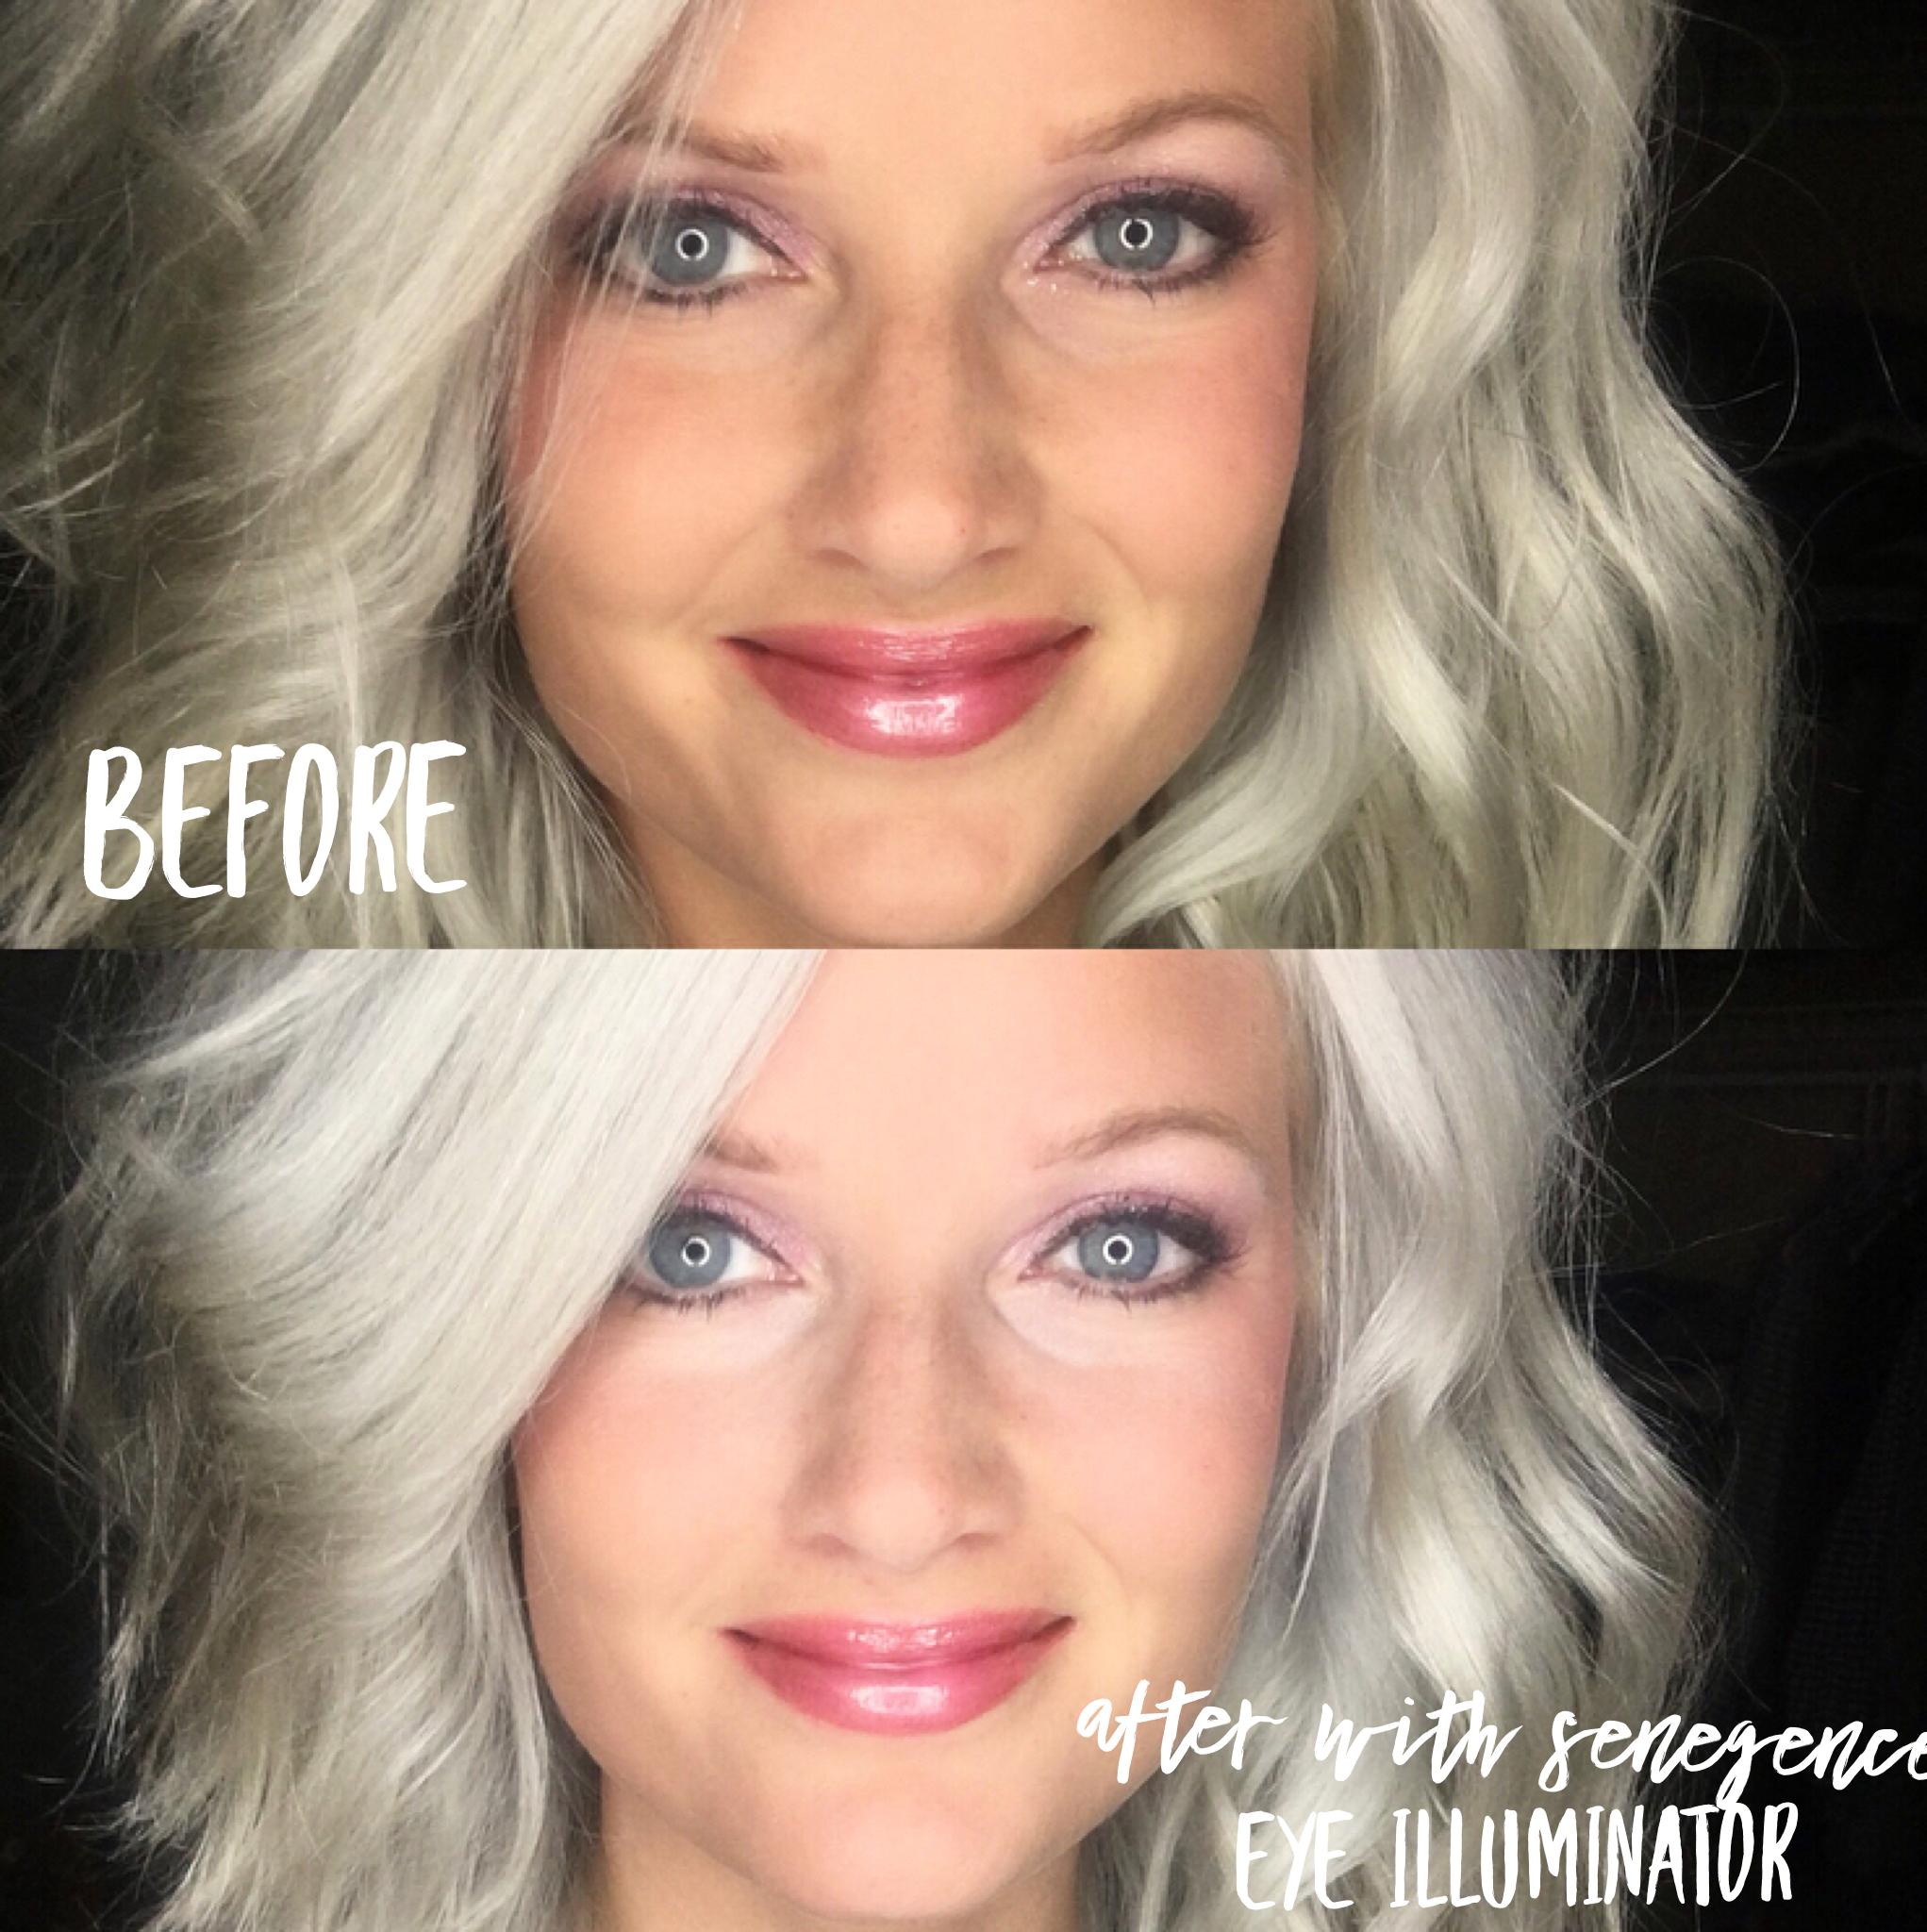 Before And After Senegence Eye Illuminator Senegence Skin